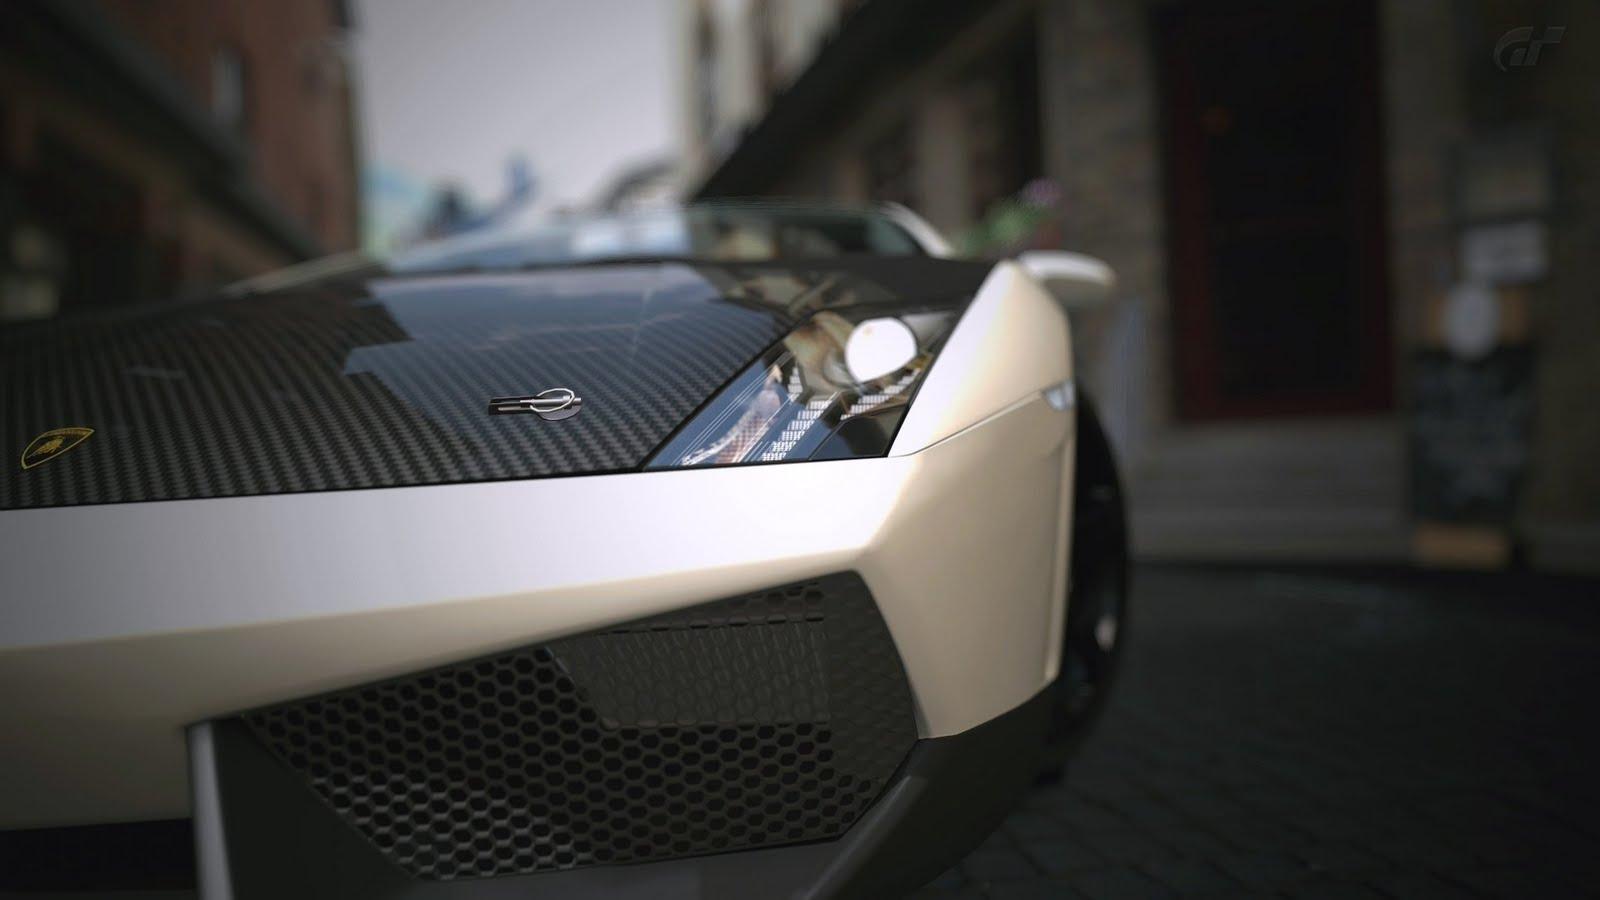 http://4.bp.blogspot.com/-MXWeWsirW3Q/TnPcKxTQe8I/AAAAAAAAAnw/GgE2OclKZVg/s1600/Lamborghini+-+PremiumWallpapersHD.Blogspot.Com.jpg